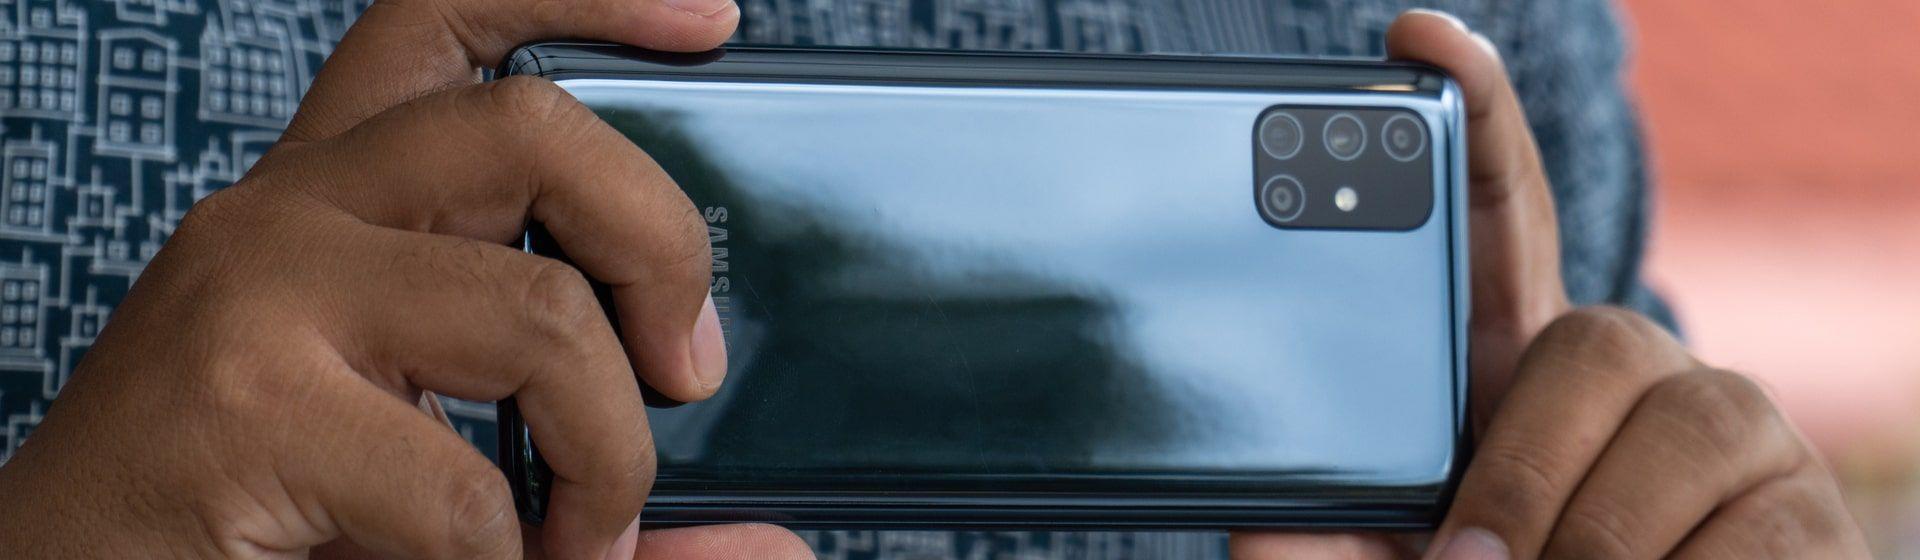 Celulares mais vendidos em janeiro de 2021: Galaxy M51 é destaque